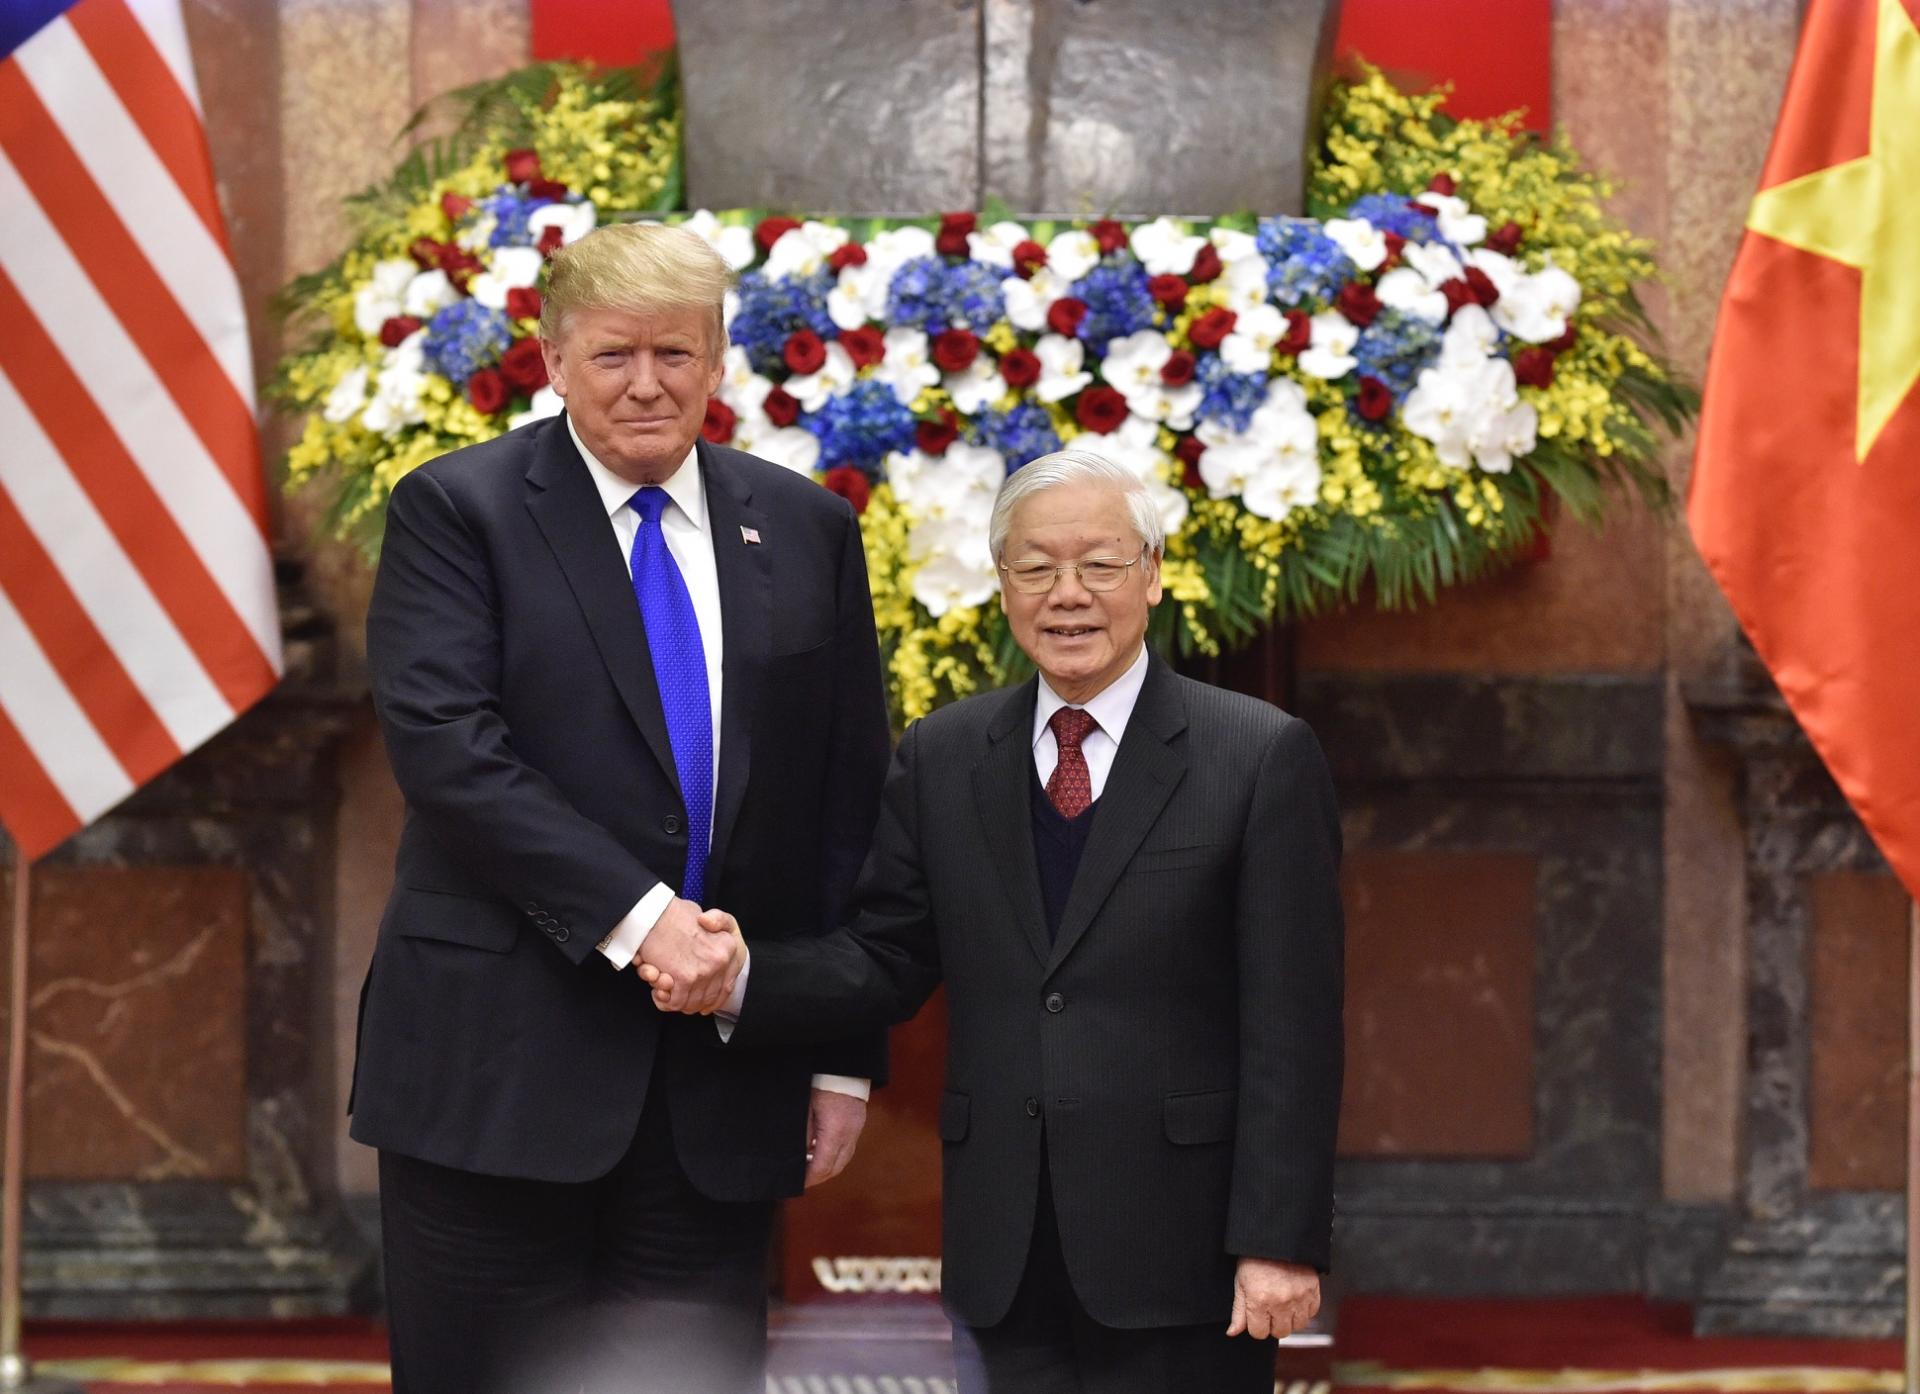 Tổng Bí thư, Chủ tịch nước Nguyễn Phú Trọng và Tổng thống Mỹ Donald Trump